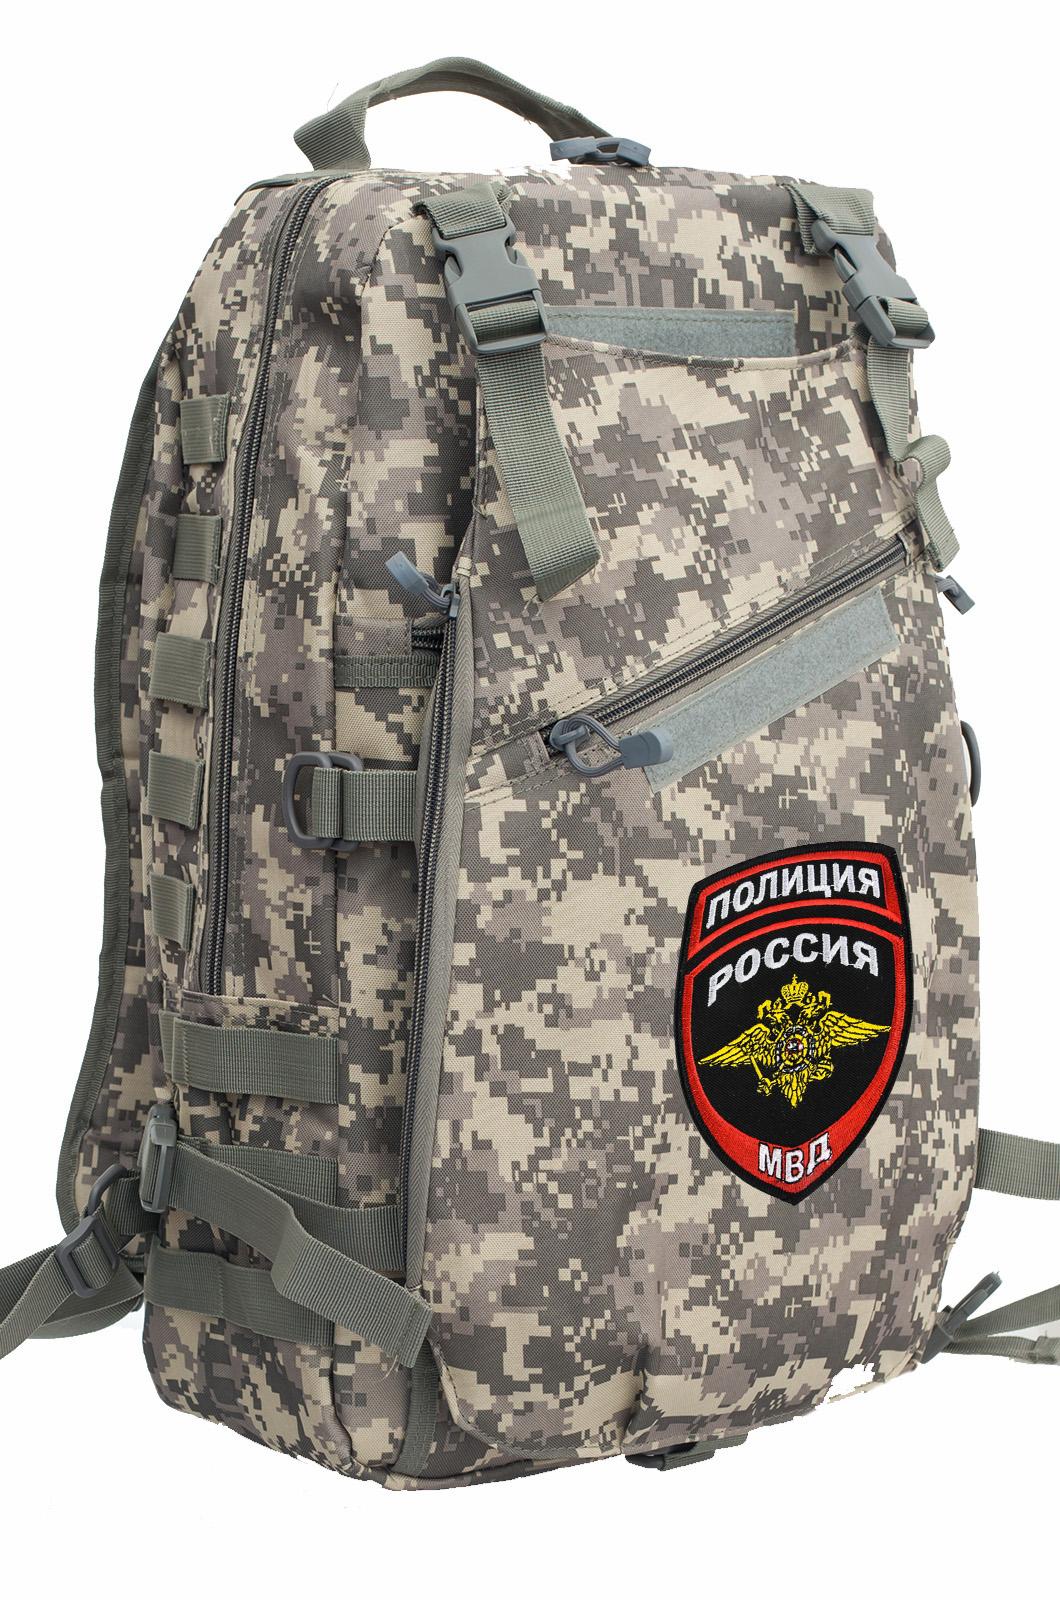 Вместительный военный рюкзак с нашивкой Полиция России - заказать выгодно